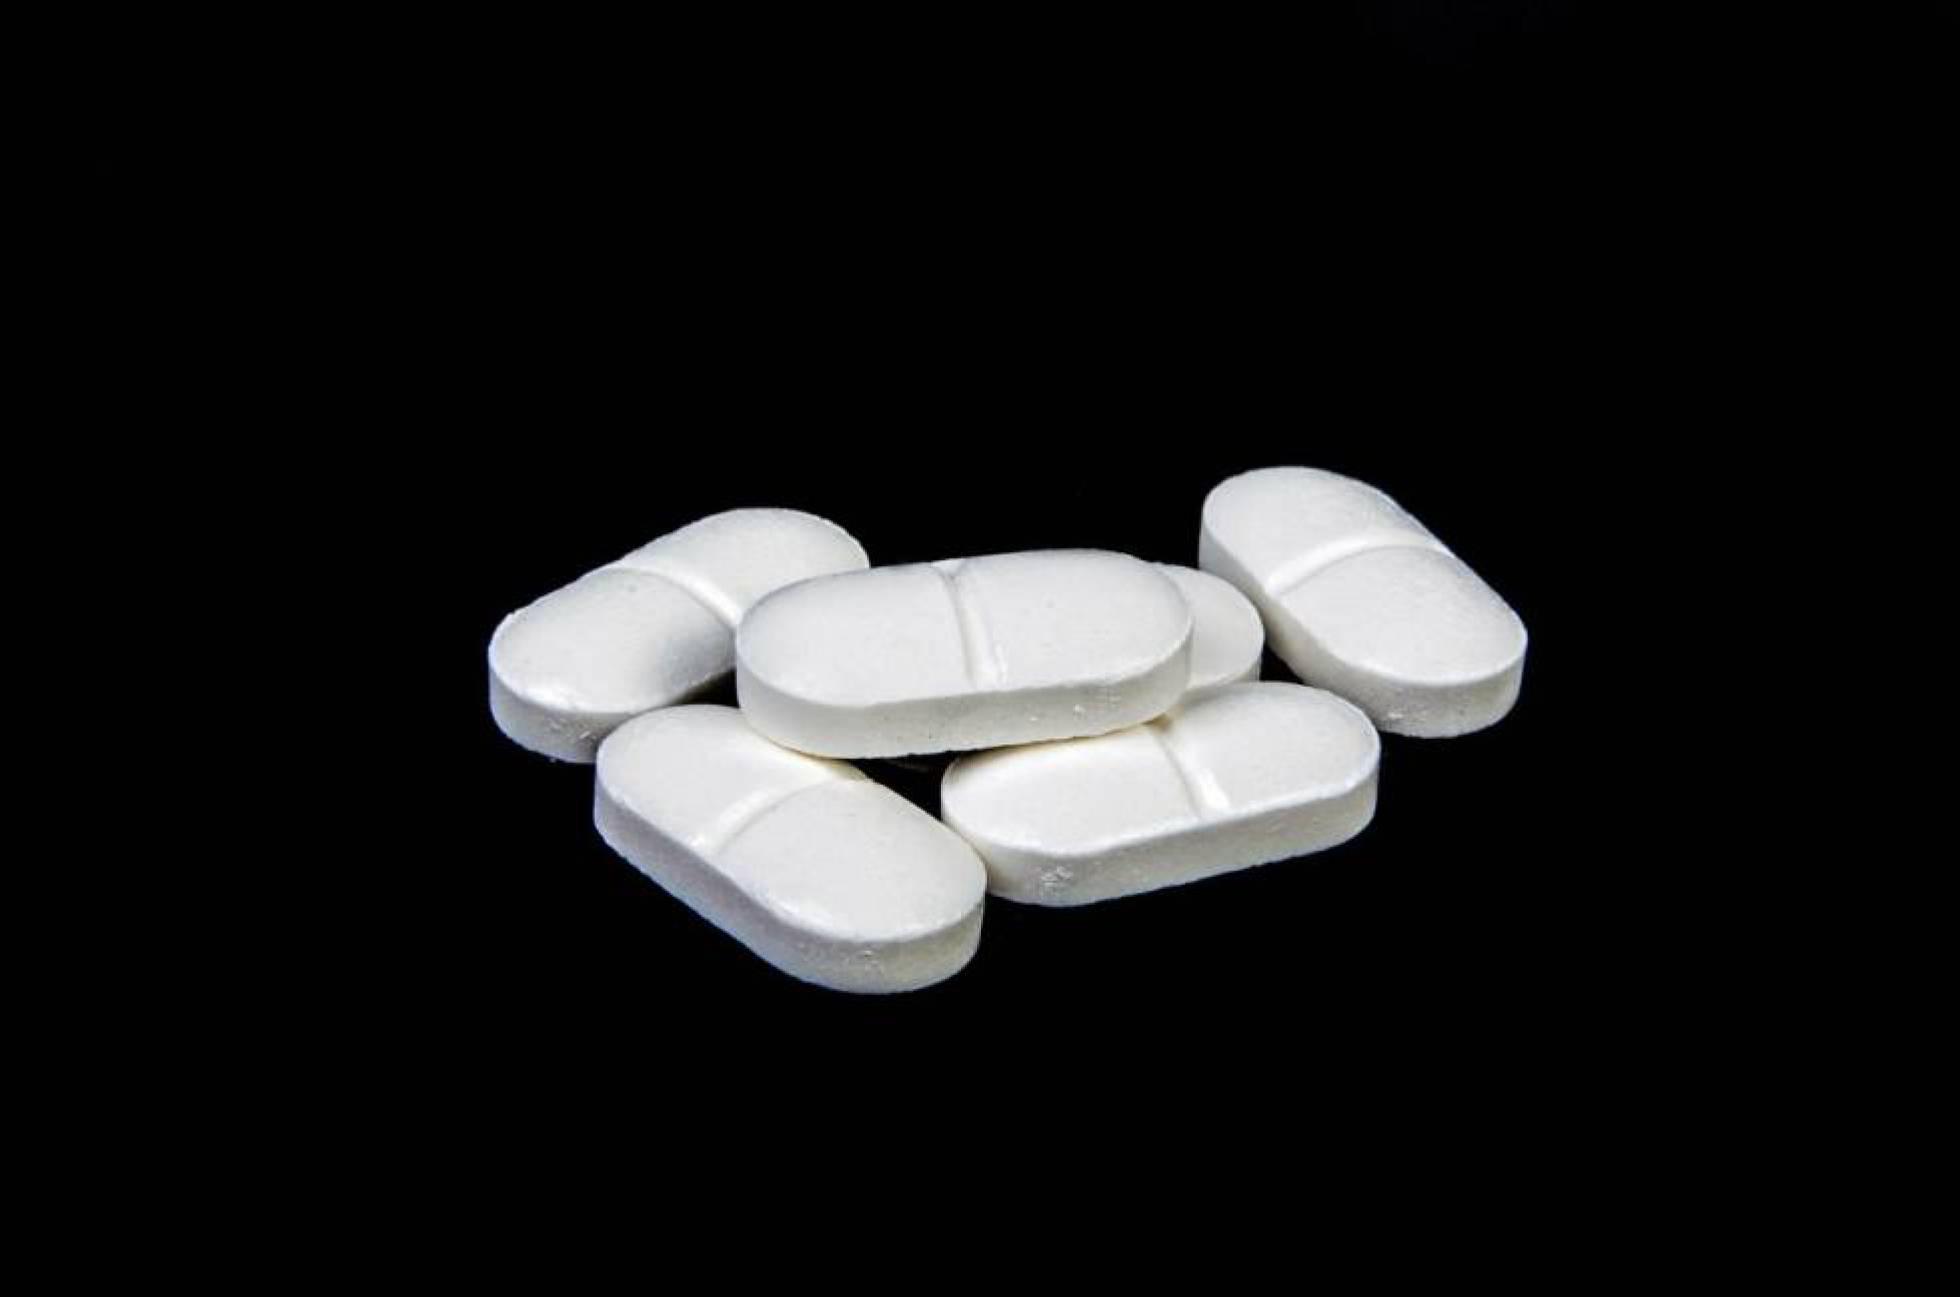 Medicamentos > Ibuprofeno aumenta em 31% o risco de parada cardíaca